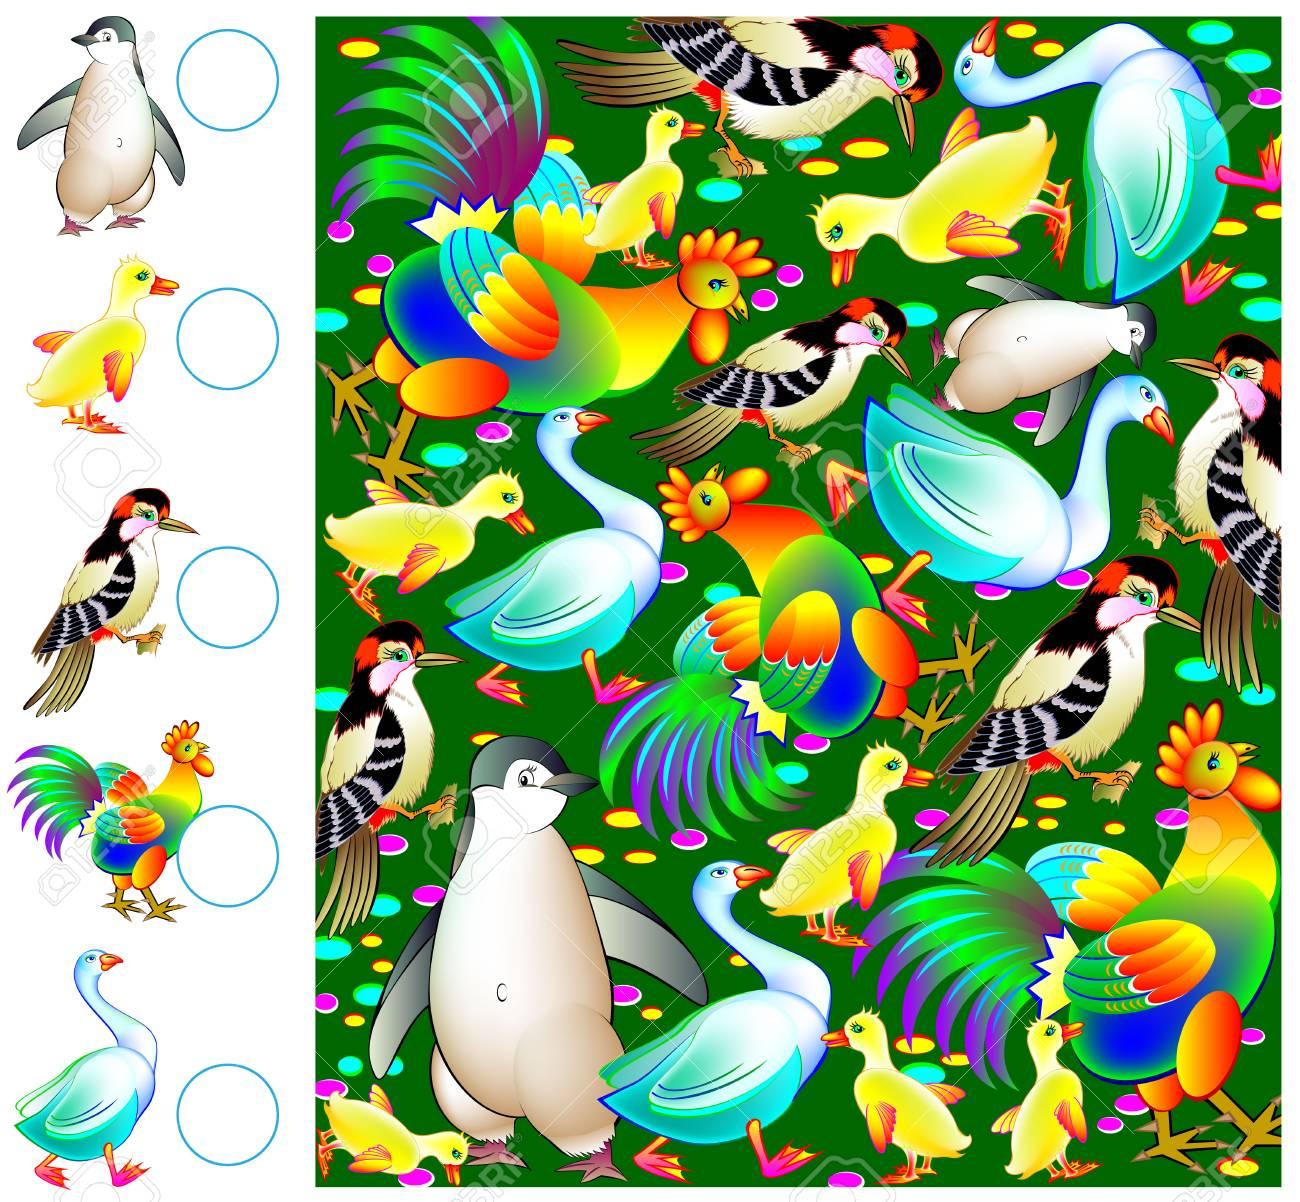 Ejercicios Para Niños Pequeños Necesita Contar Las Aves Y Dibujar Los Números Correspondientes En Círculos